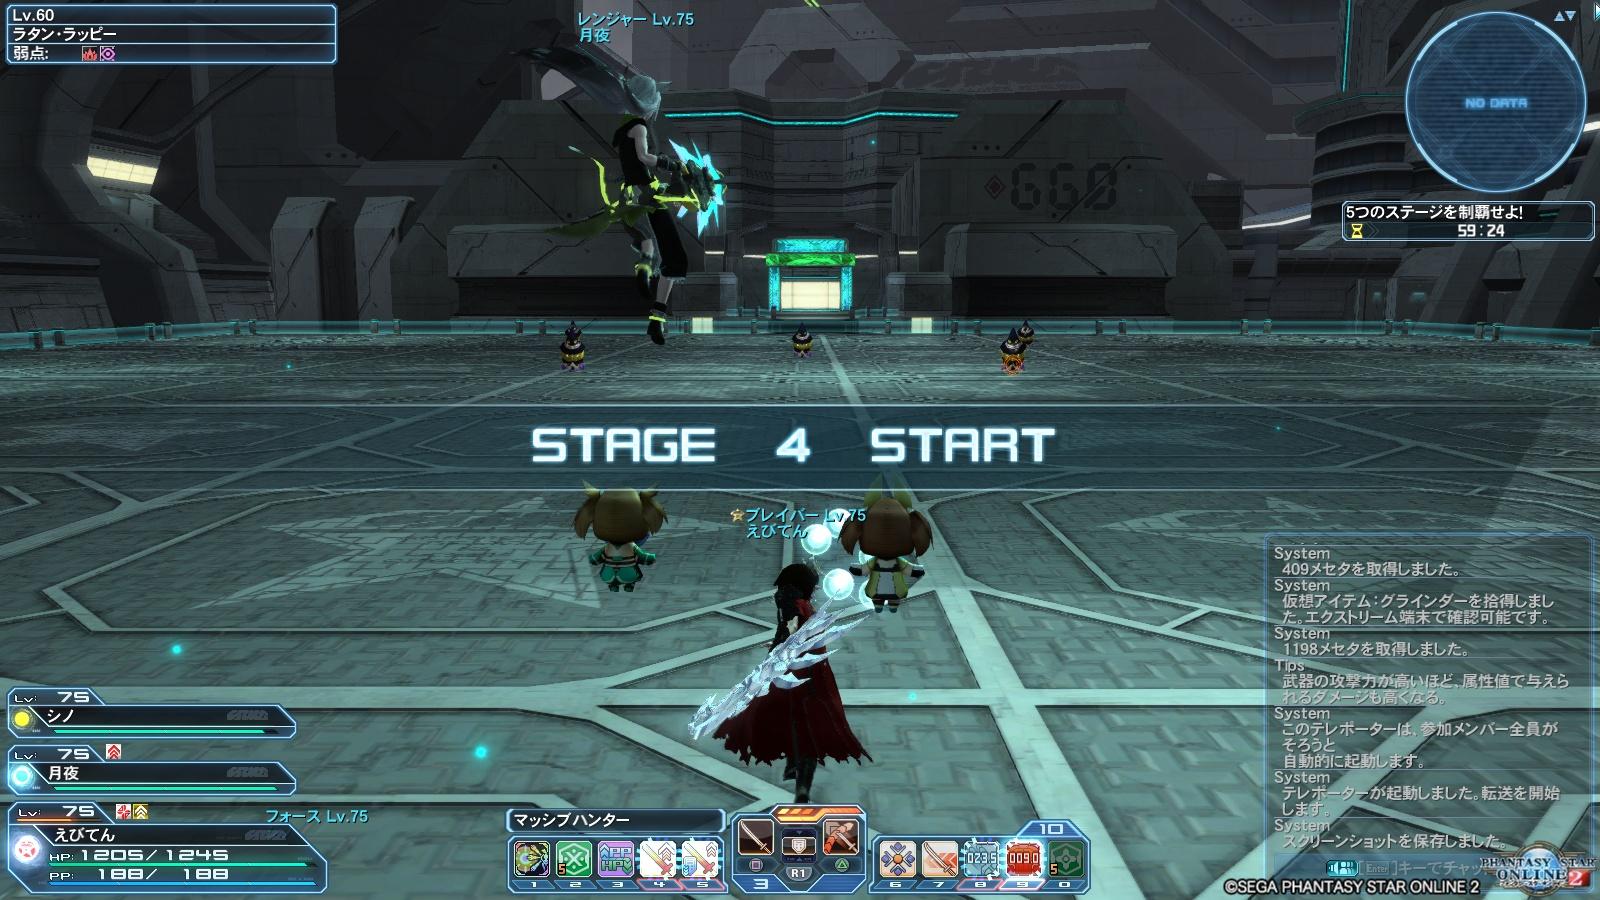 「?」ステージ